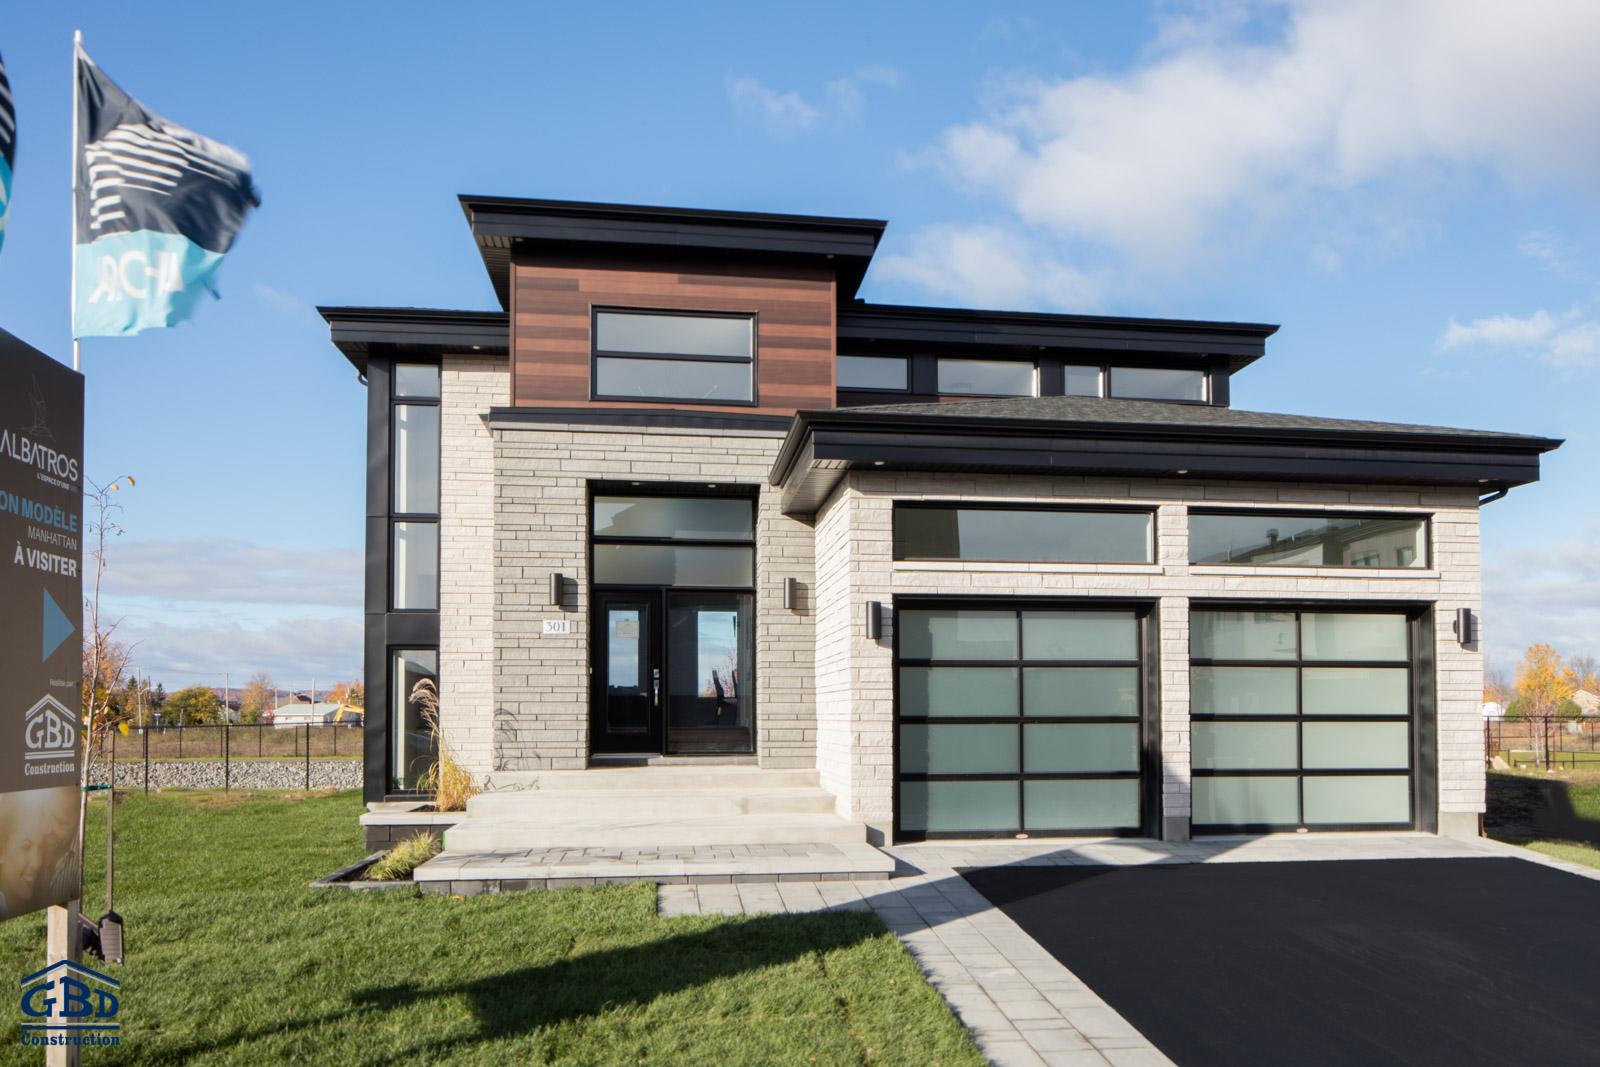 Maison neuve rive nord manhattan ext 03 for Construction maison neuve rive nord